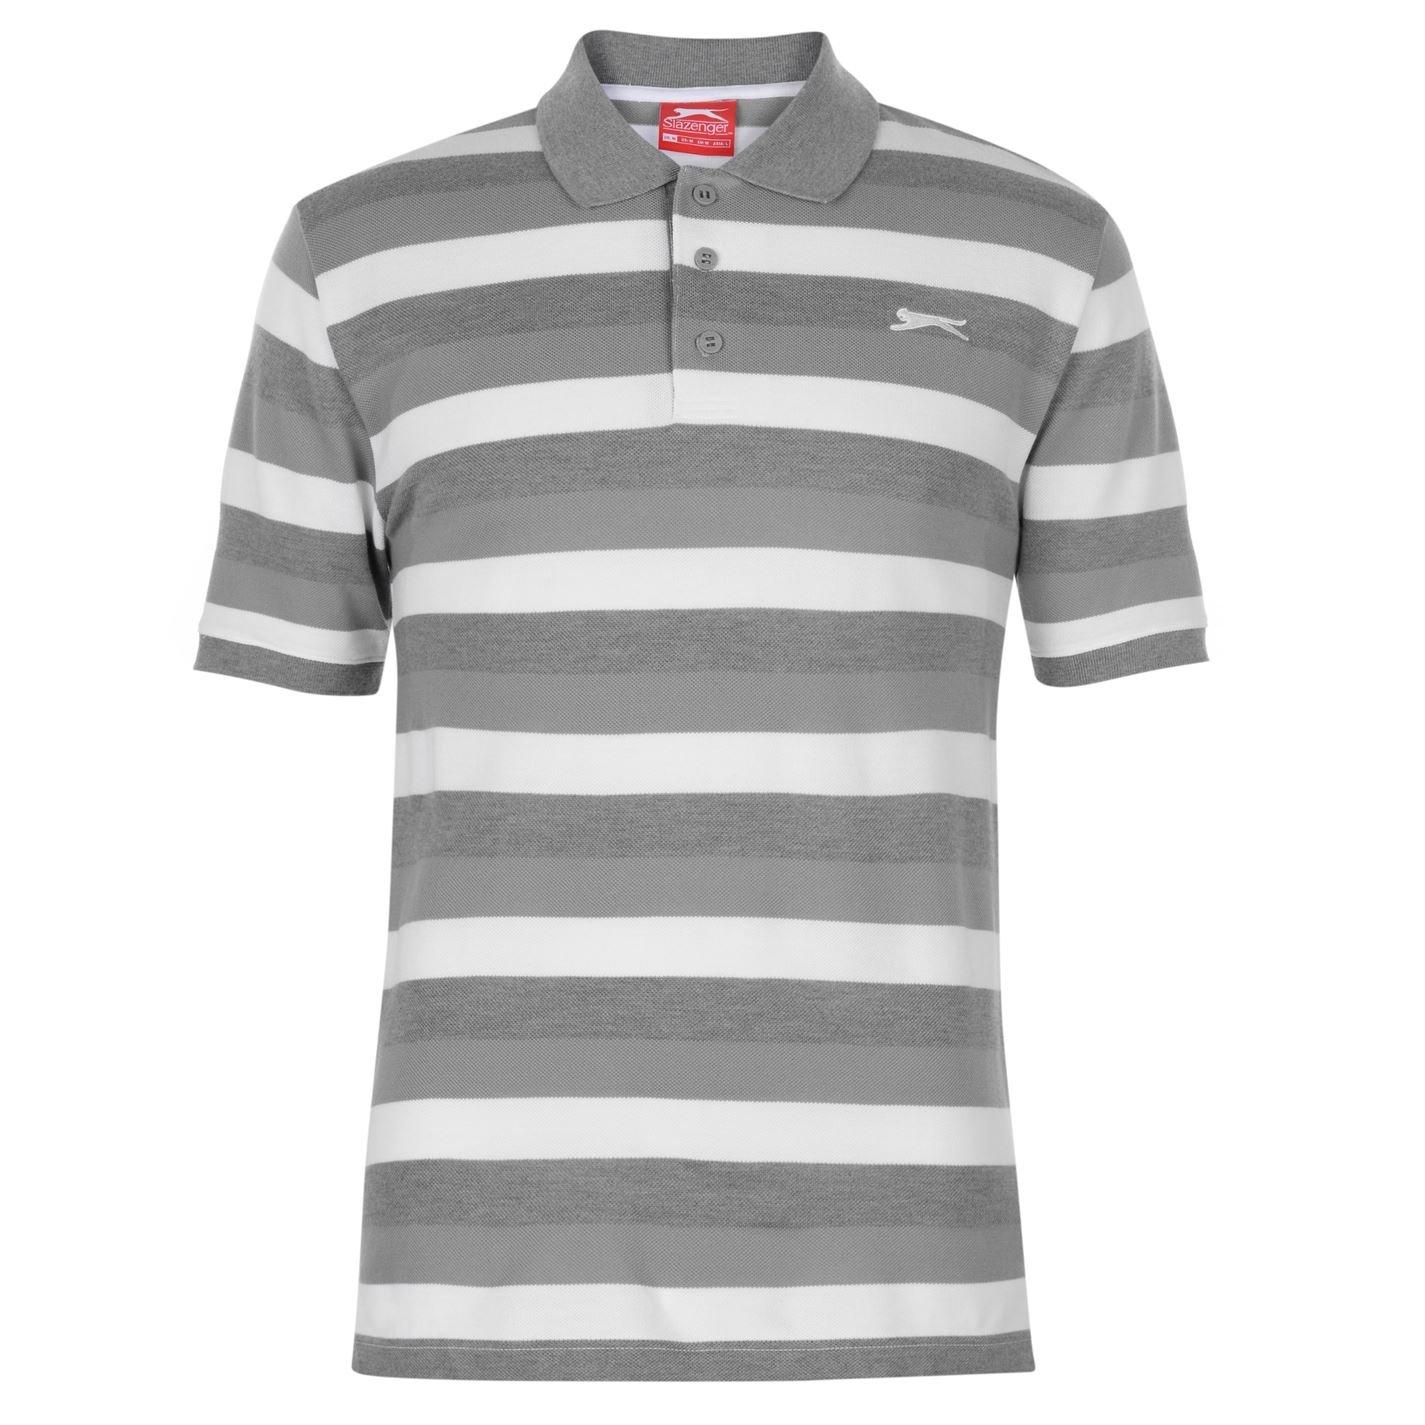 Slazenger Hombre Polo Camiseta: Amazon.es: Ropa y accesorios